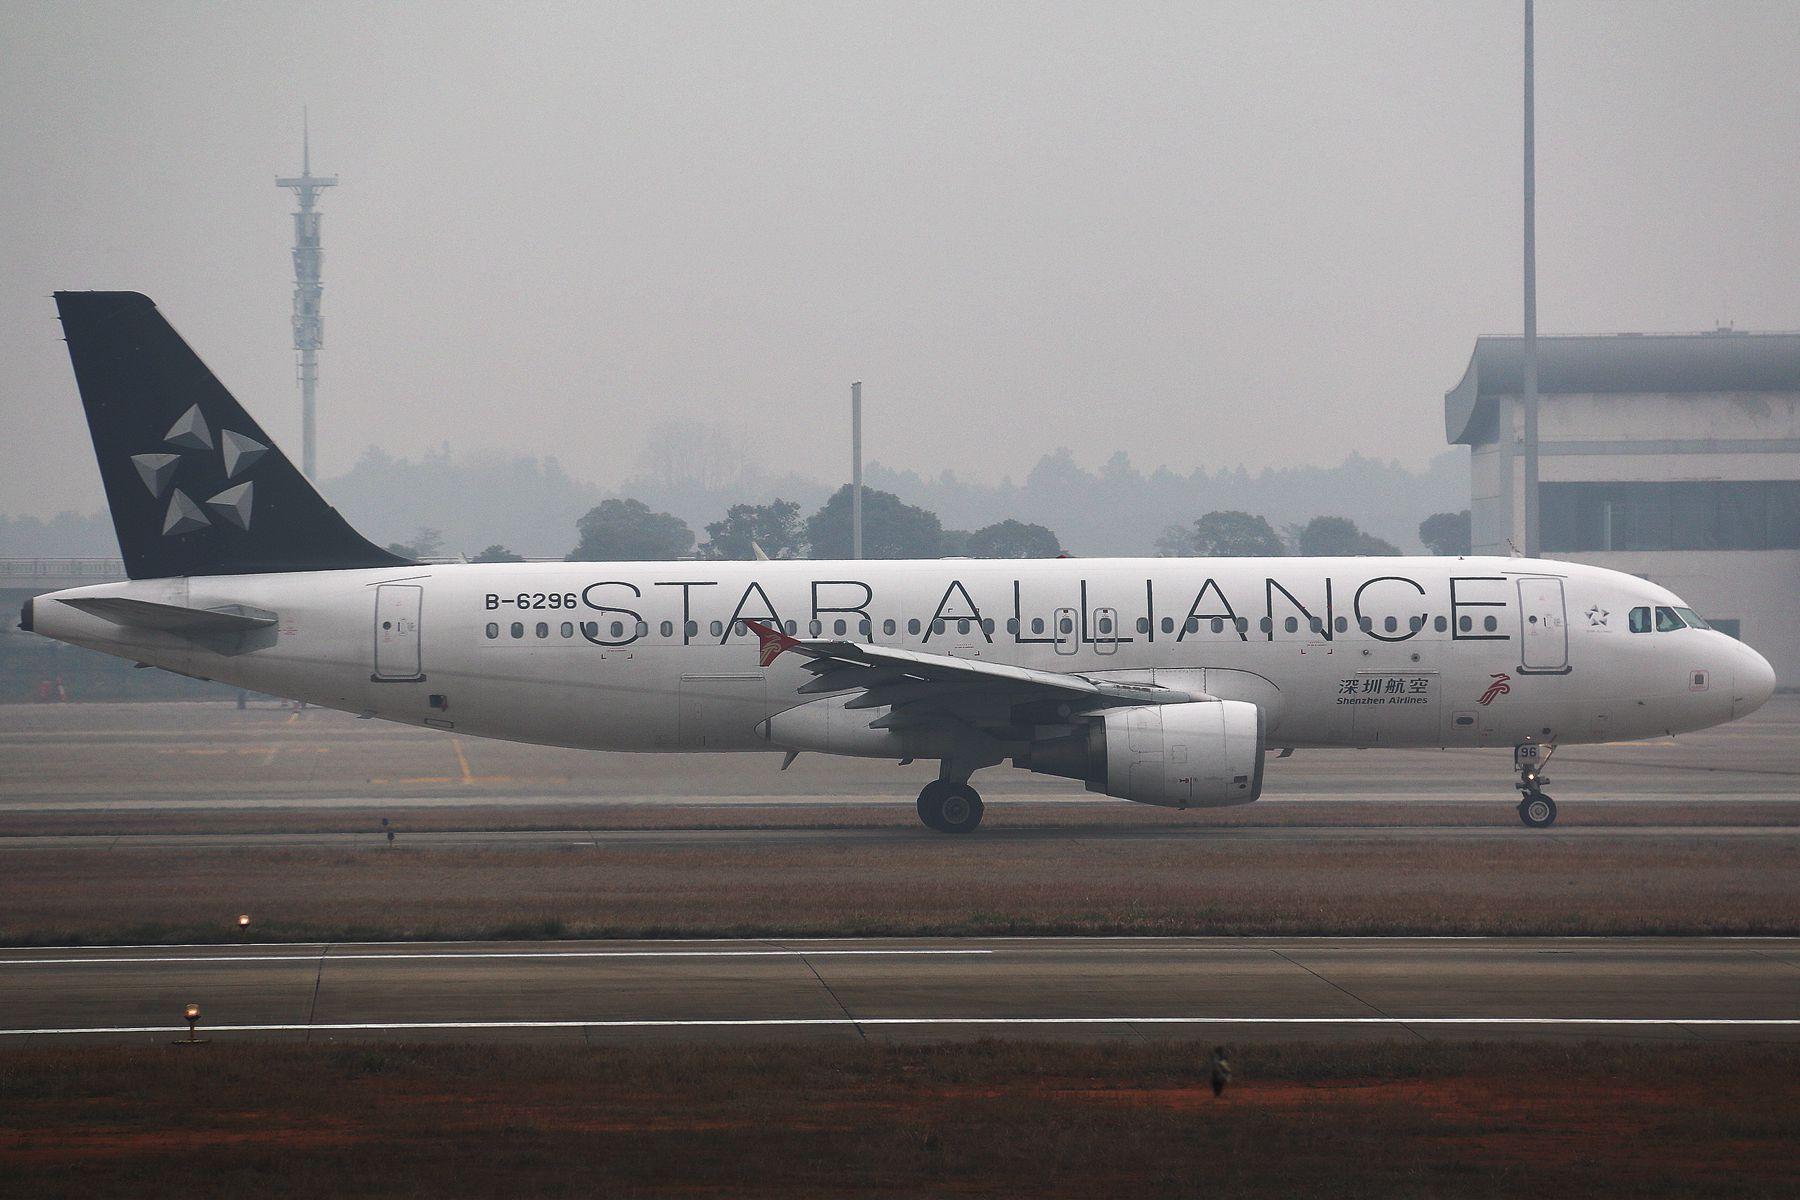 Re:[原创]重度雾霾天里的几只好货【苏拉维加亚航空,深圳大星星,泰亚航闪灯,东海】 AIRBUS A320-200 B-6296 中国南昌昌北国际机场